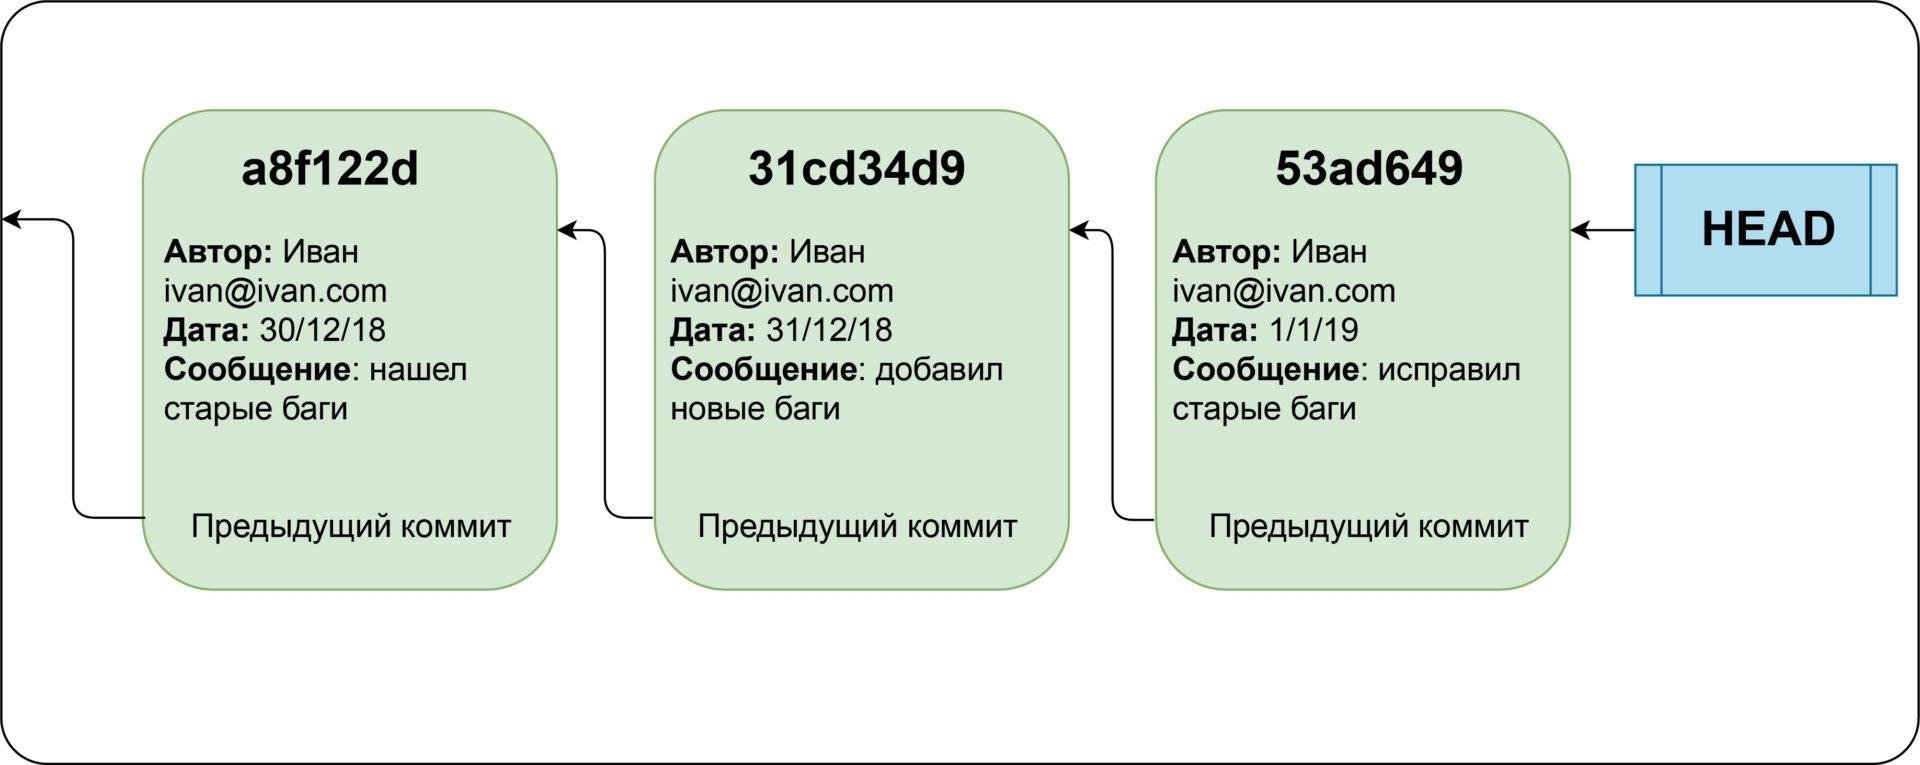 1-20219-a1596d.jpg